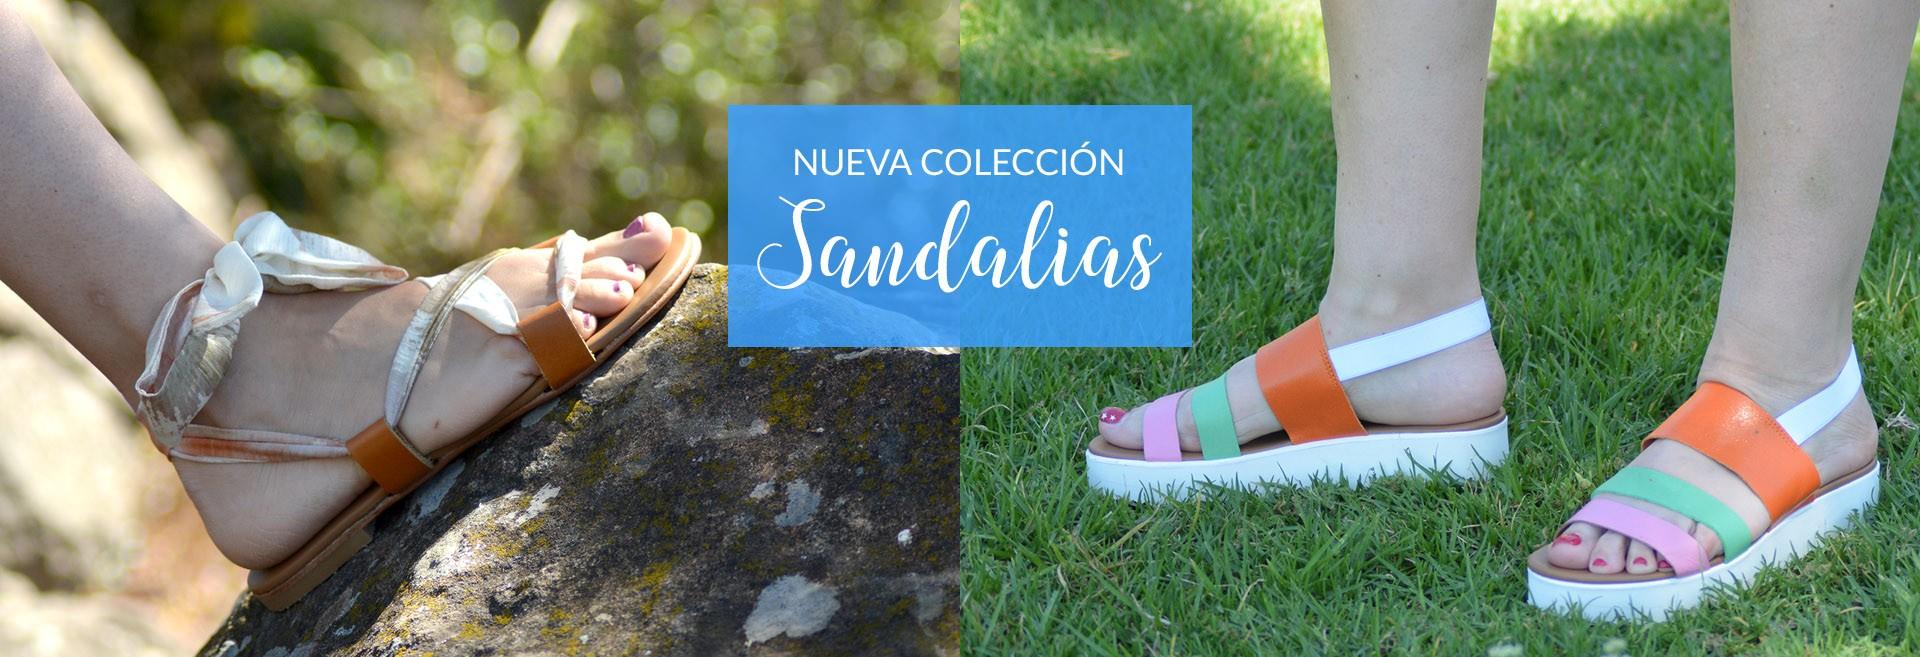 Nueva Colección Sandalias